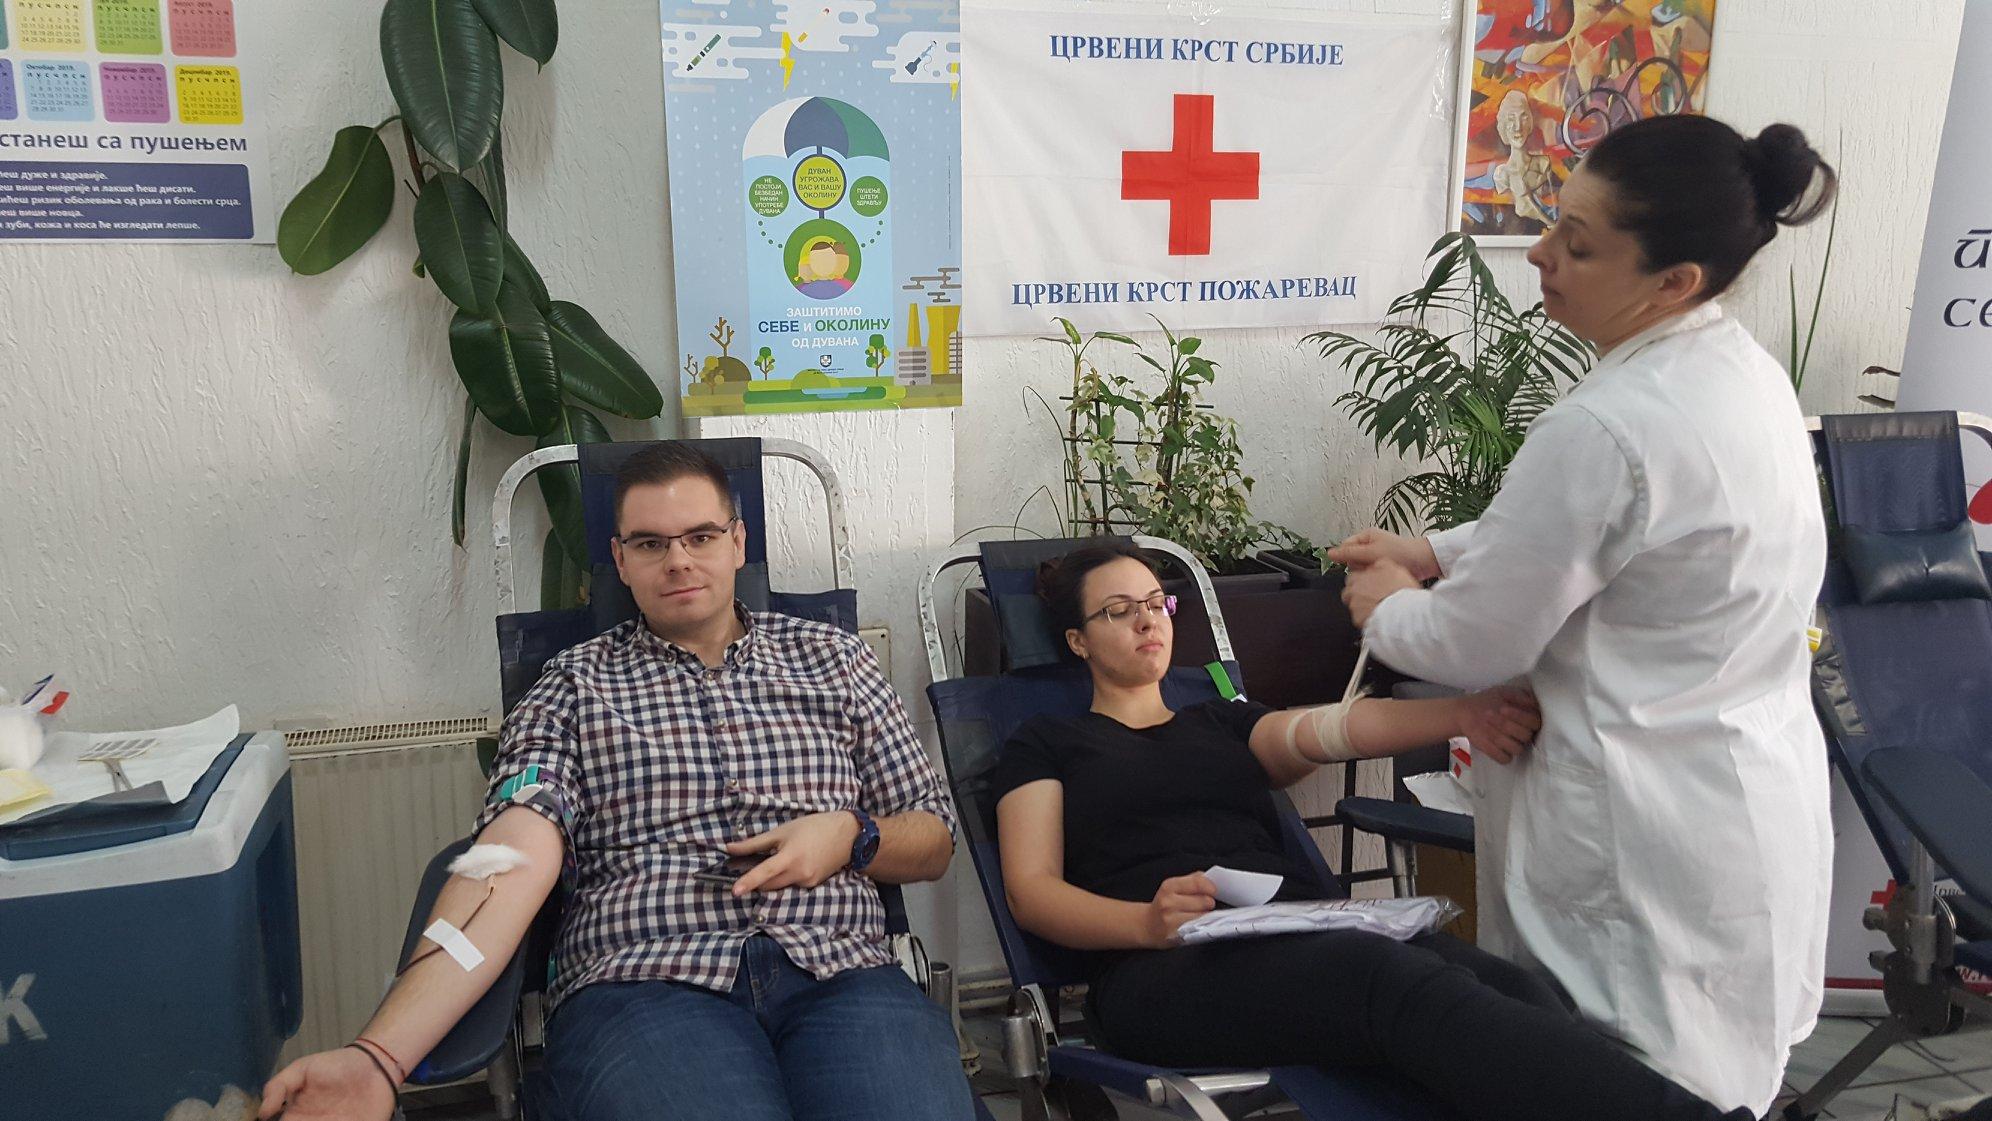 """Akcija dobrovoljnog davanja krvi """" Doniraj krv za presto """" u Požarevcu FOTO 16682"""